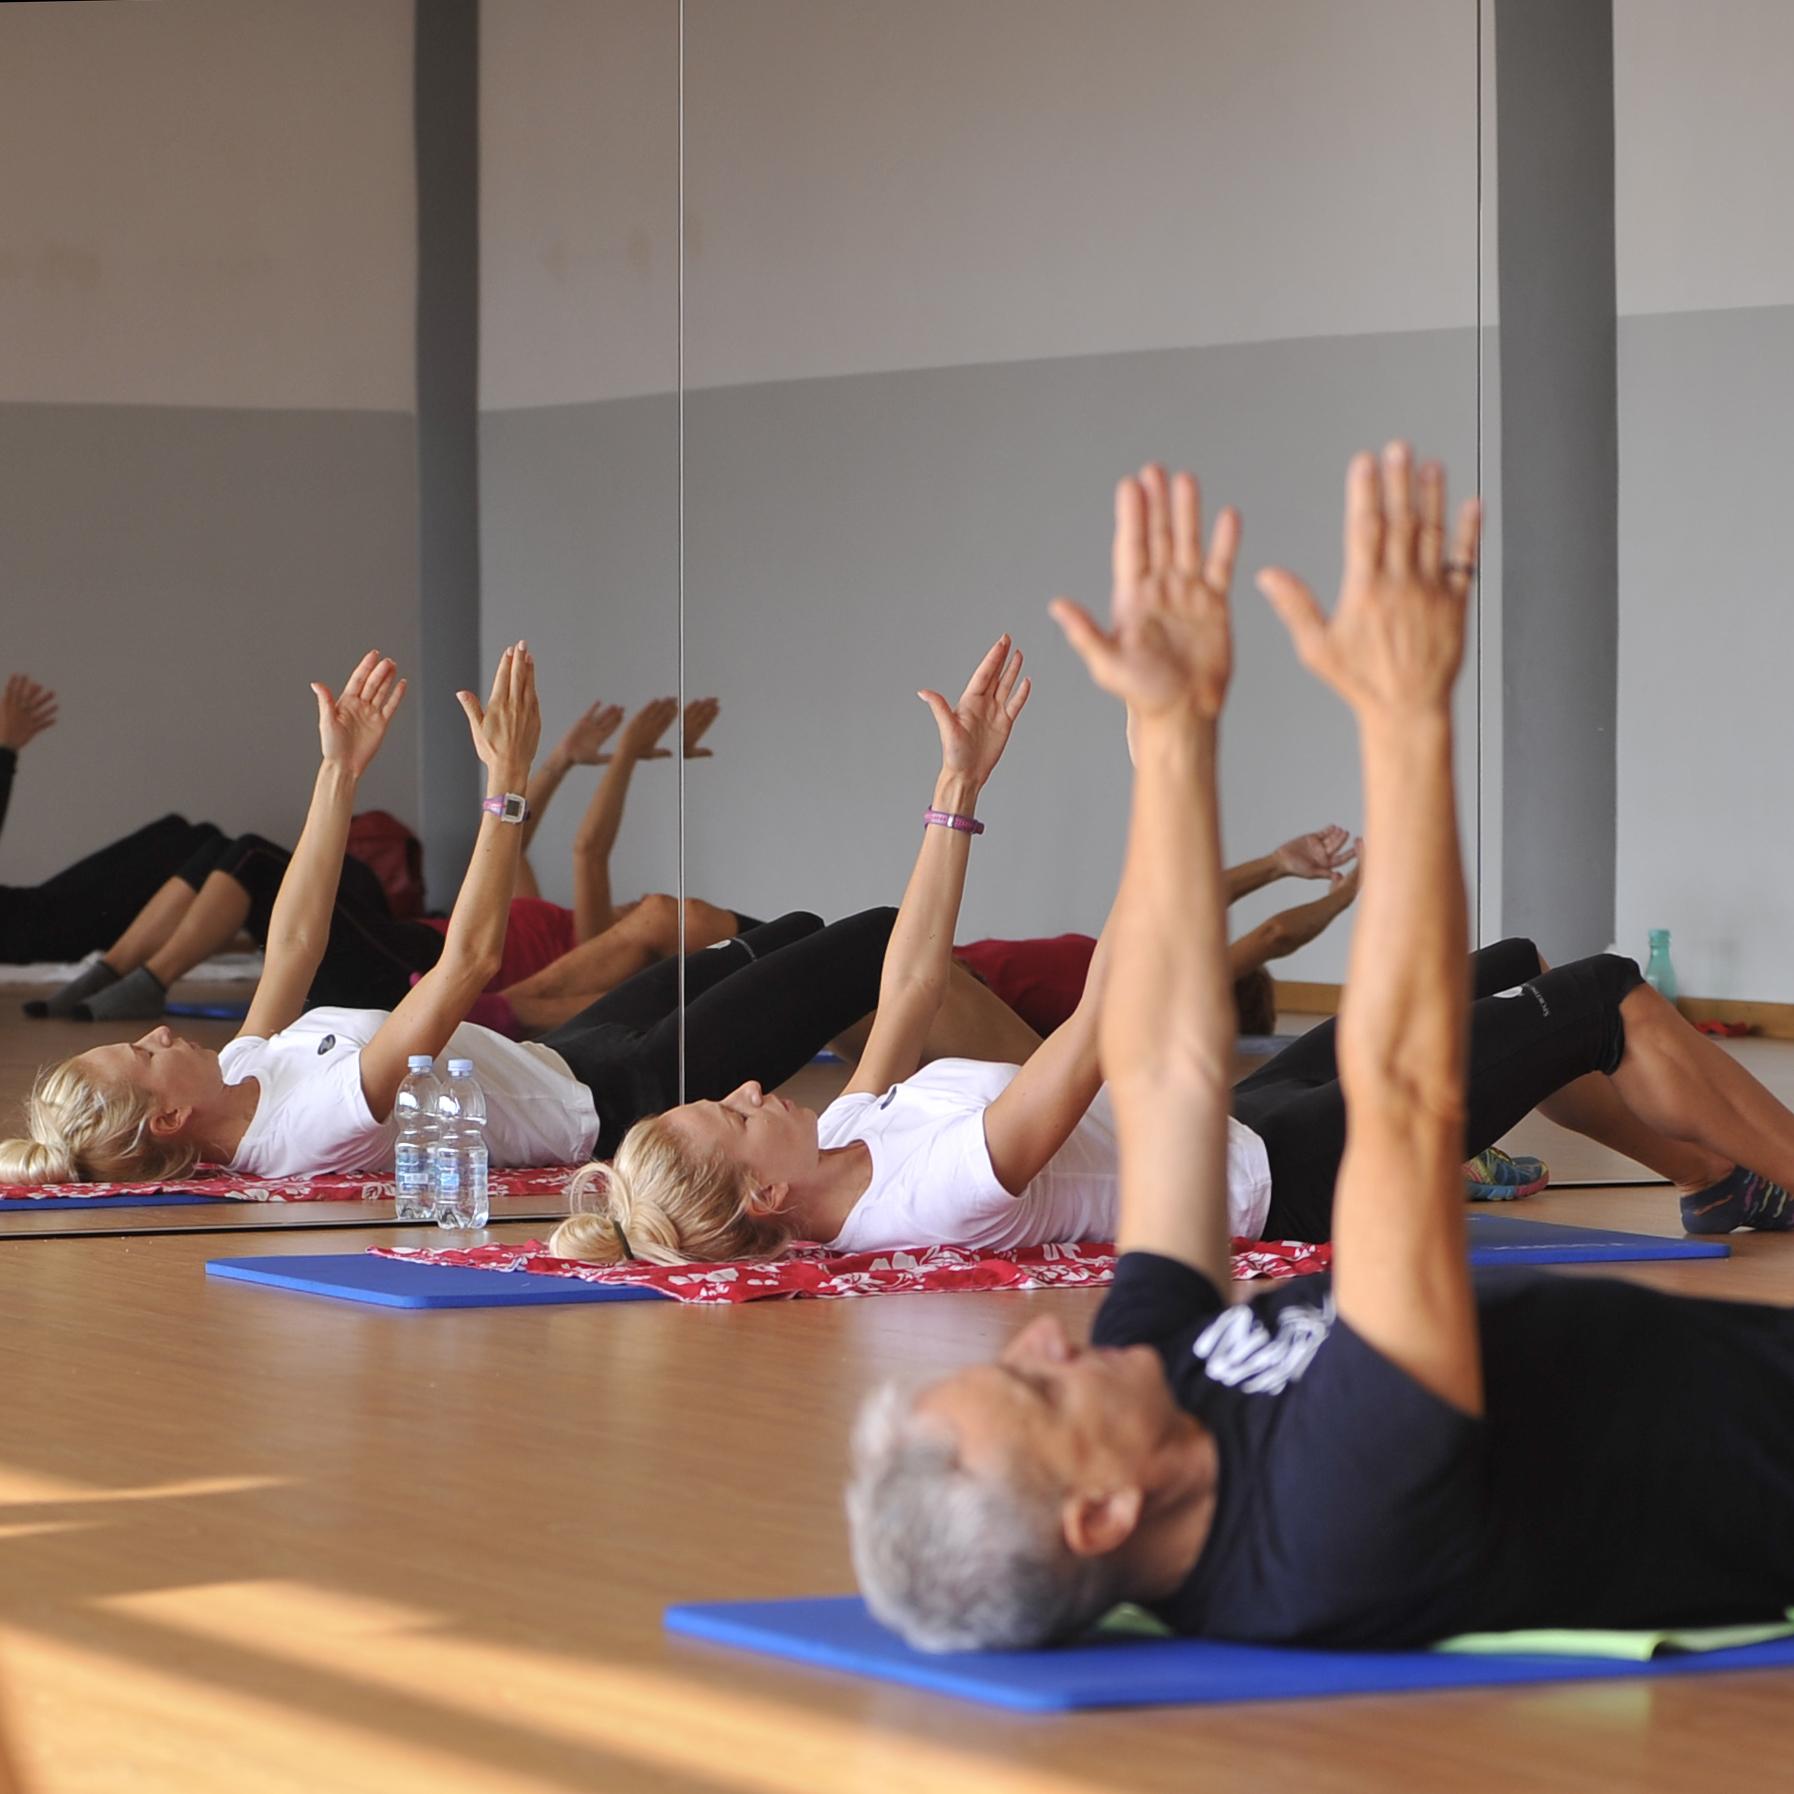 Ginnastica Dolce - Risveglio muscolare progressivo e proporzionato al soggetto che lo pratica. Migliora coordinazione, mobilità e tono in tutto il corpo. Obiettivo: benessere psicofisico generalizzato.